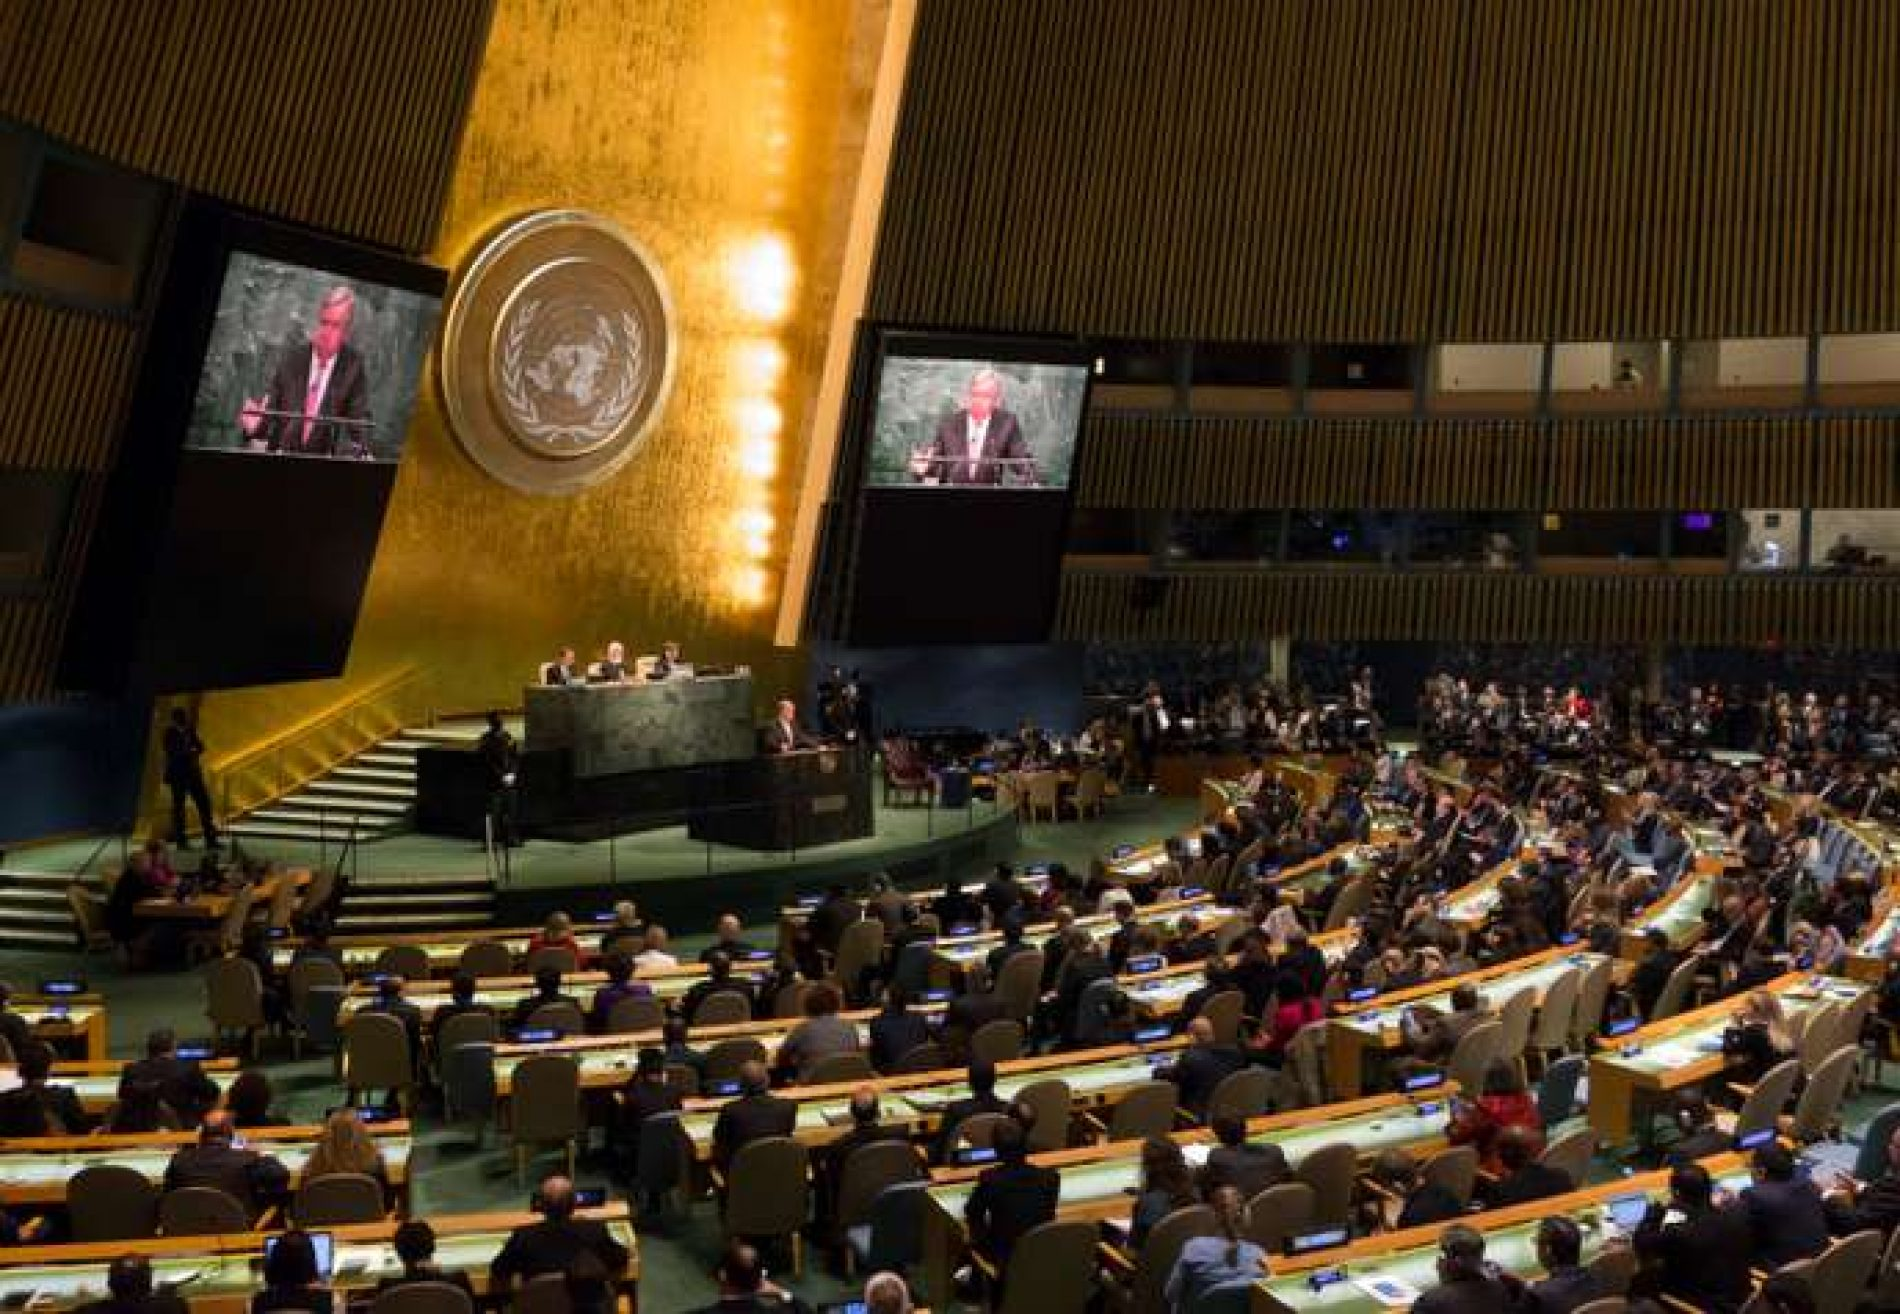 Changement climatique : Selon l'ONU, 1 milliard de personnes affectées d'ici 2050